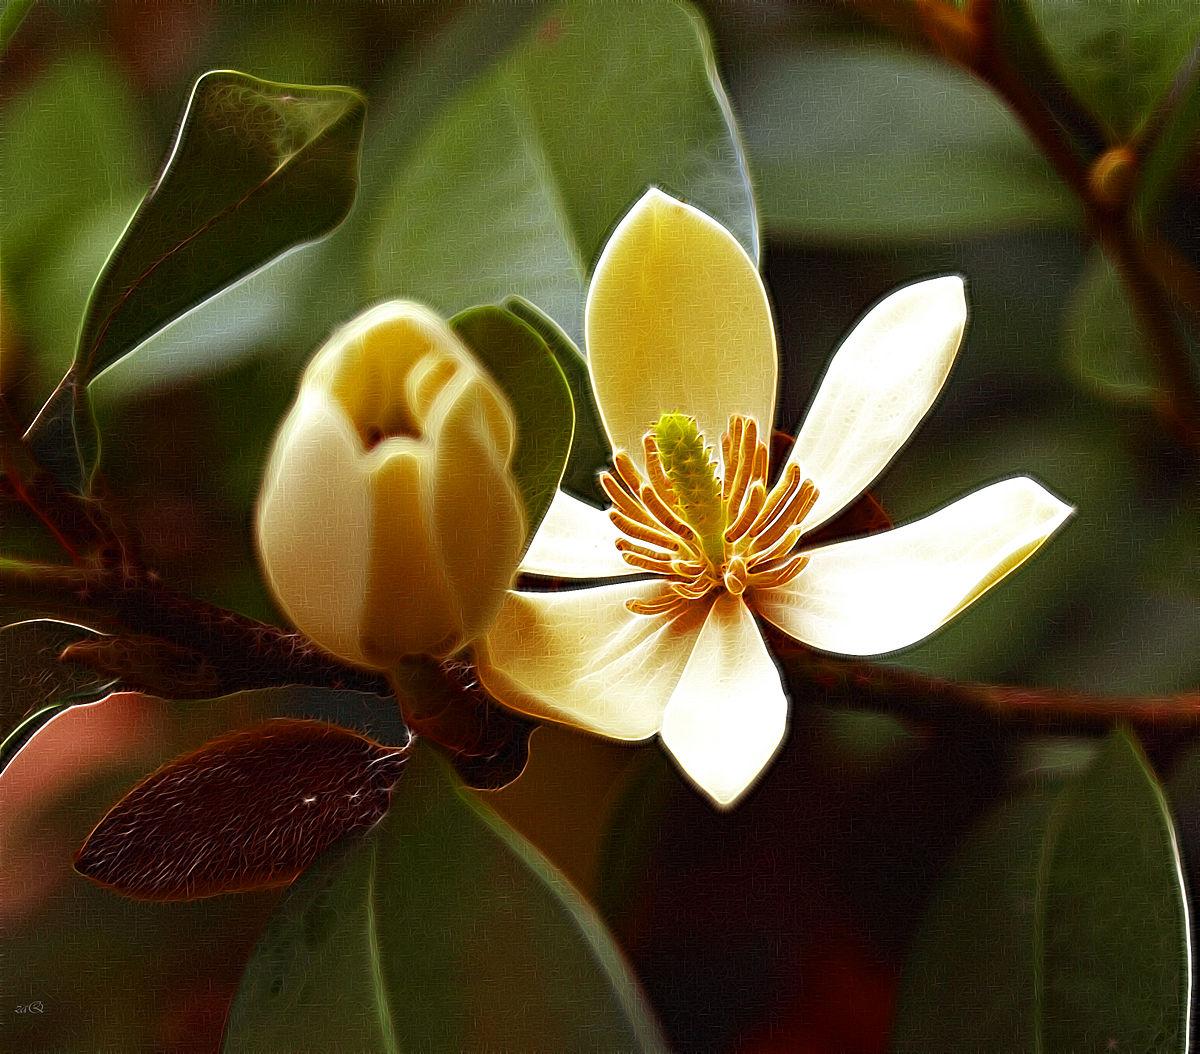 magnolia figo  u2014 wikip u00e9dia